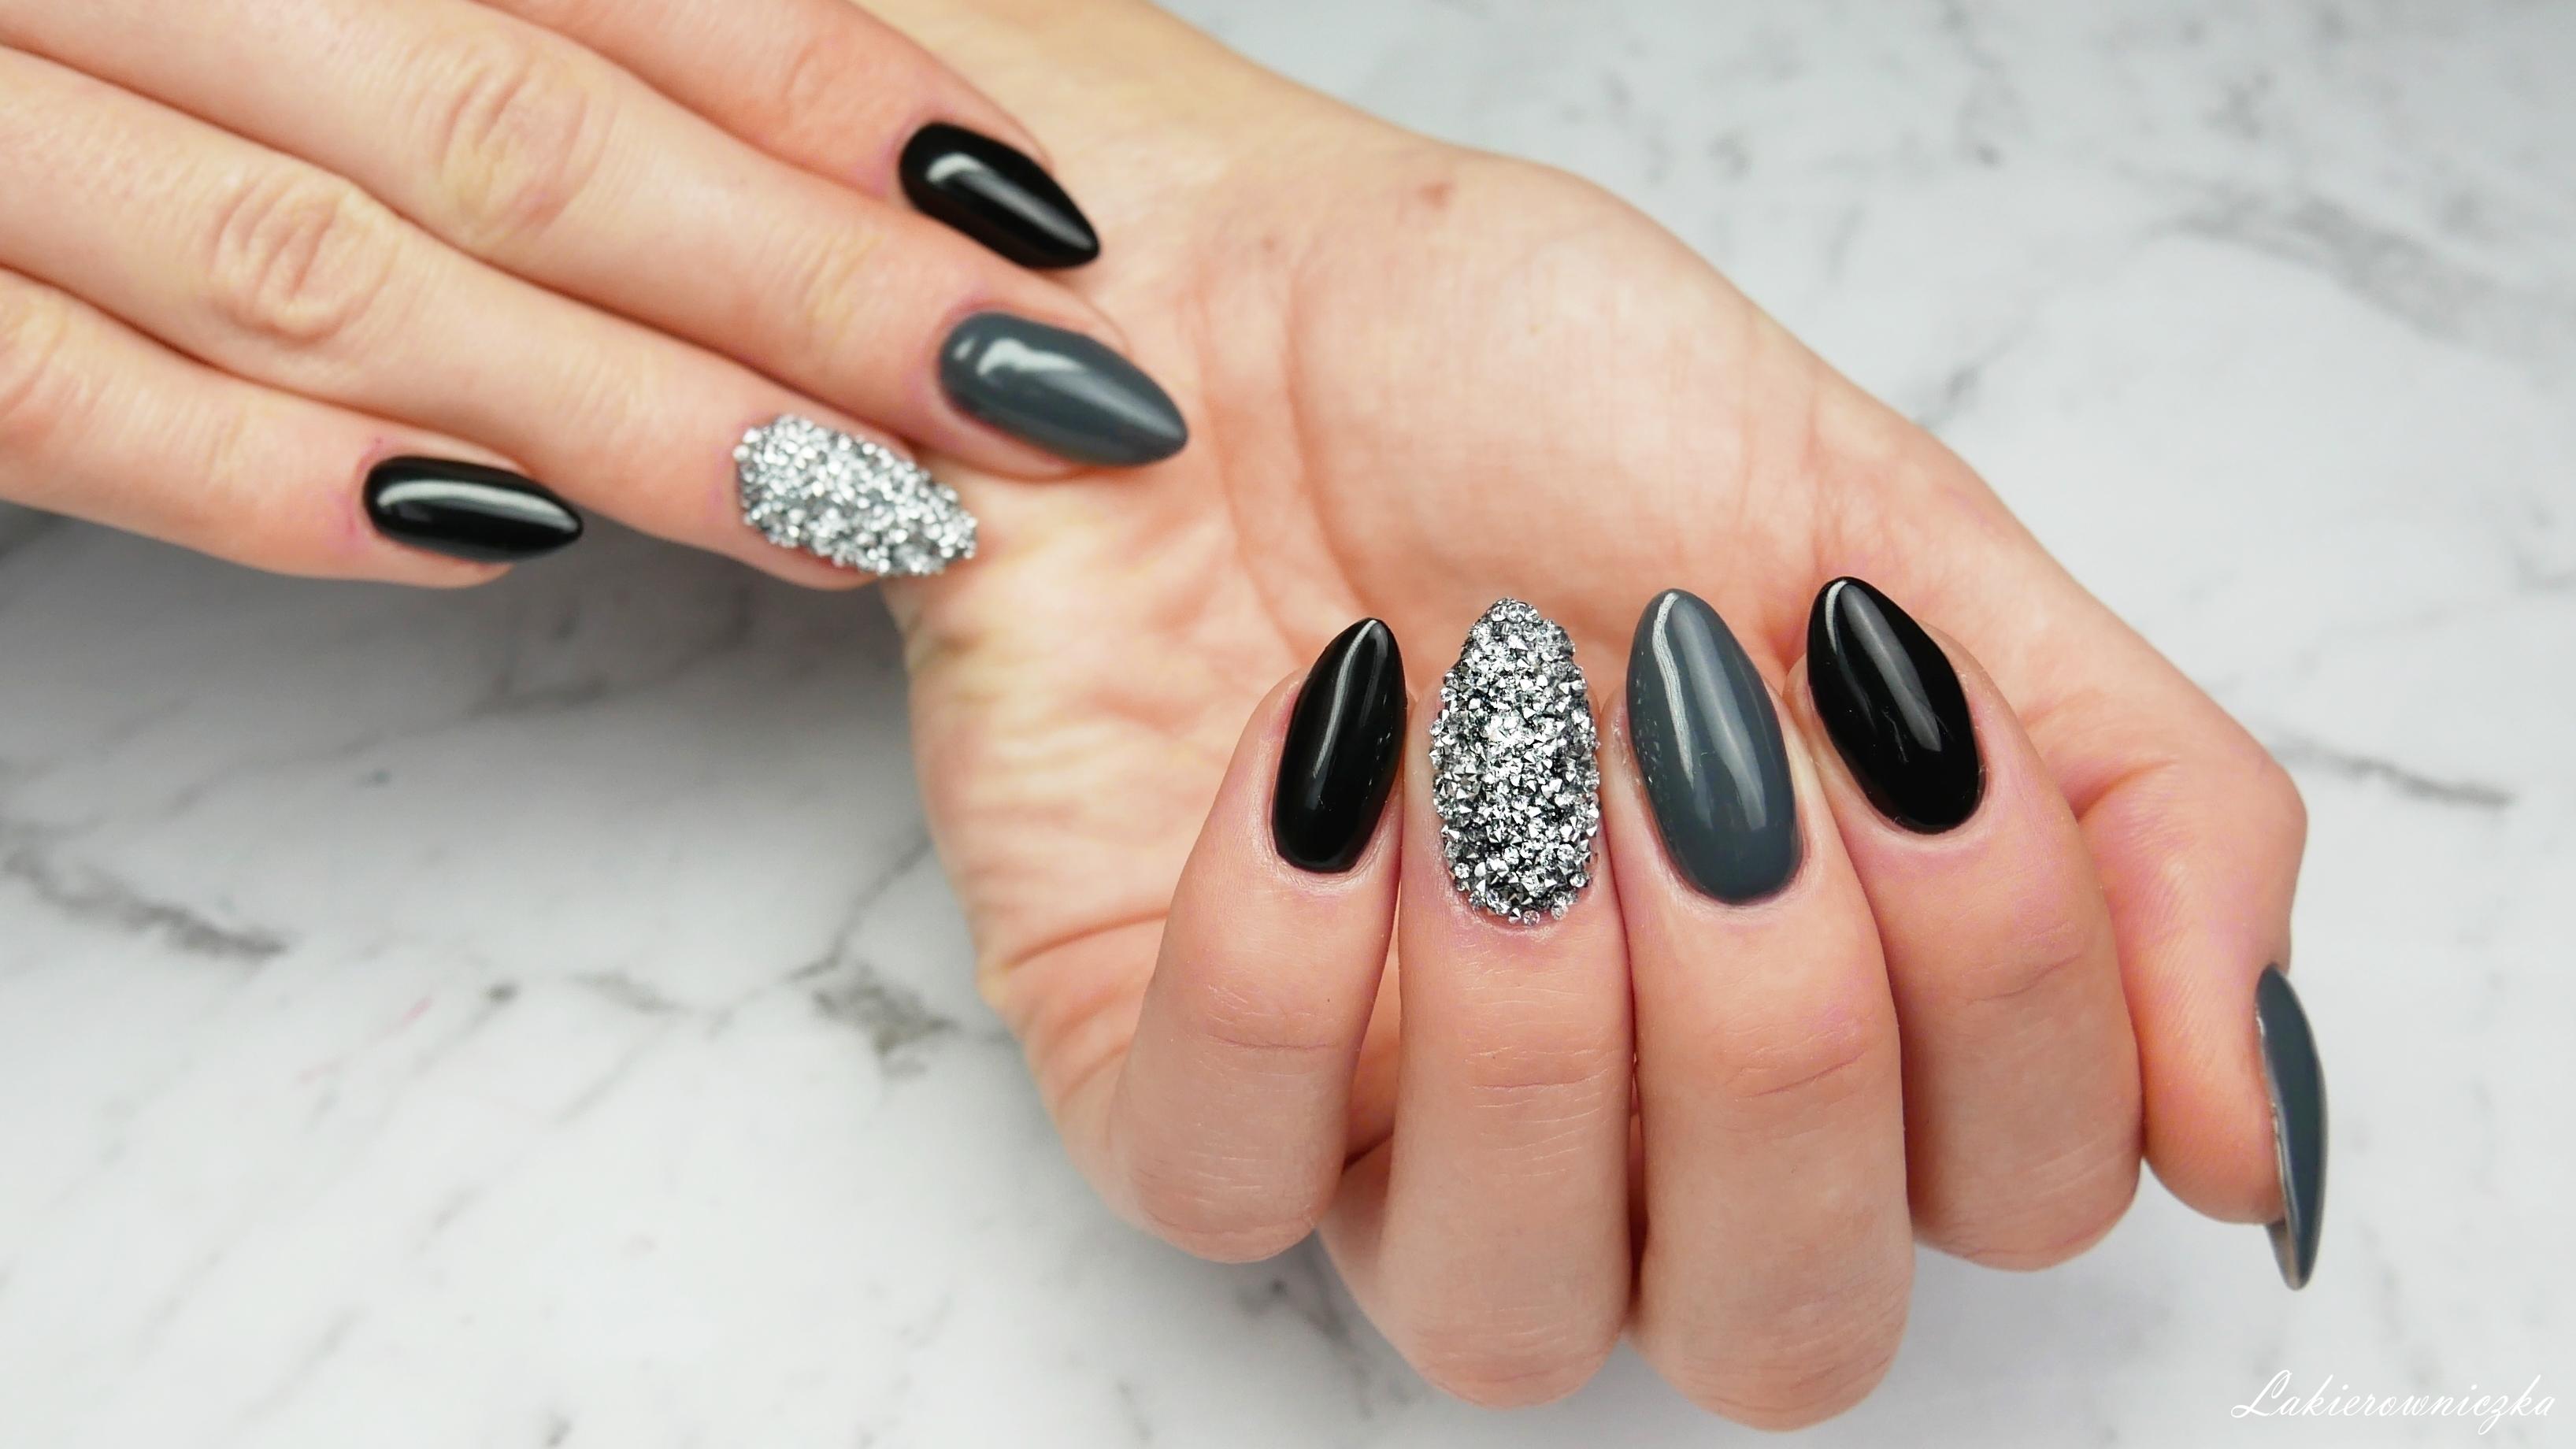 crystal-pixie-male-diamenciki-krysztalki-Swarovskiego-pixie-effect-mirror-srebrne-silver-hybrid-nails-black-czarn-paznokcie-Lakierowniczka-crystal pixie effect